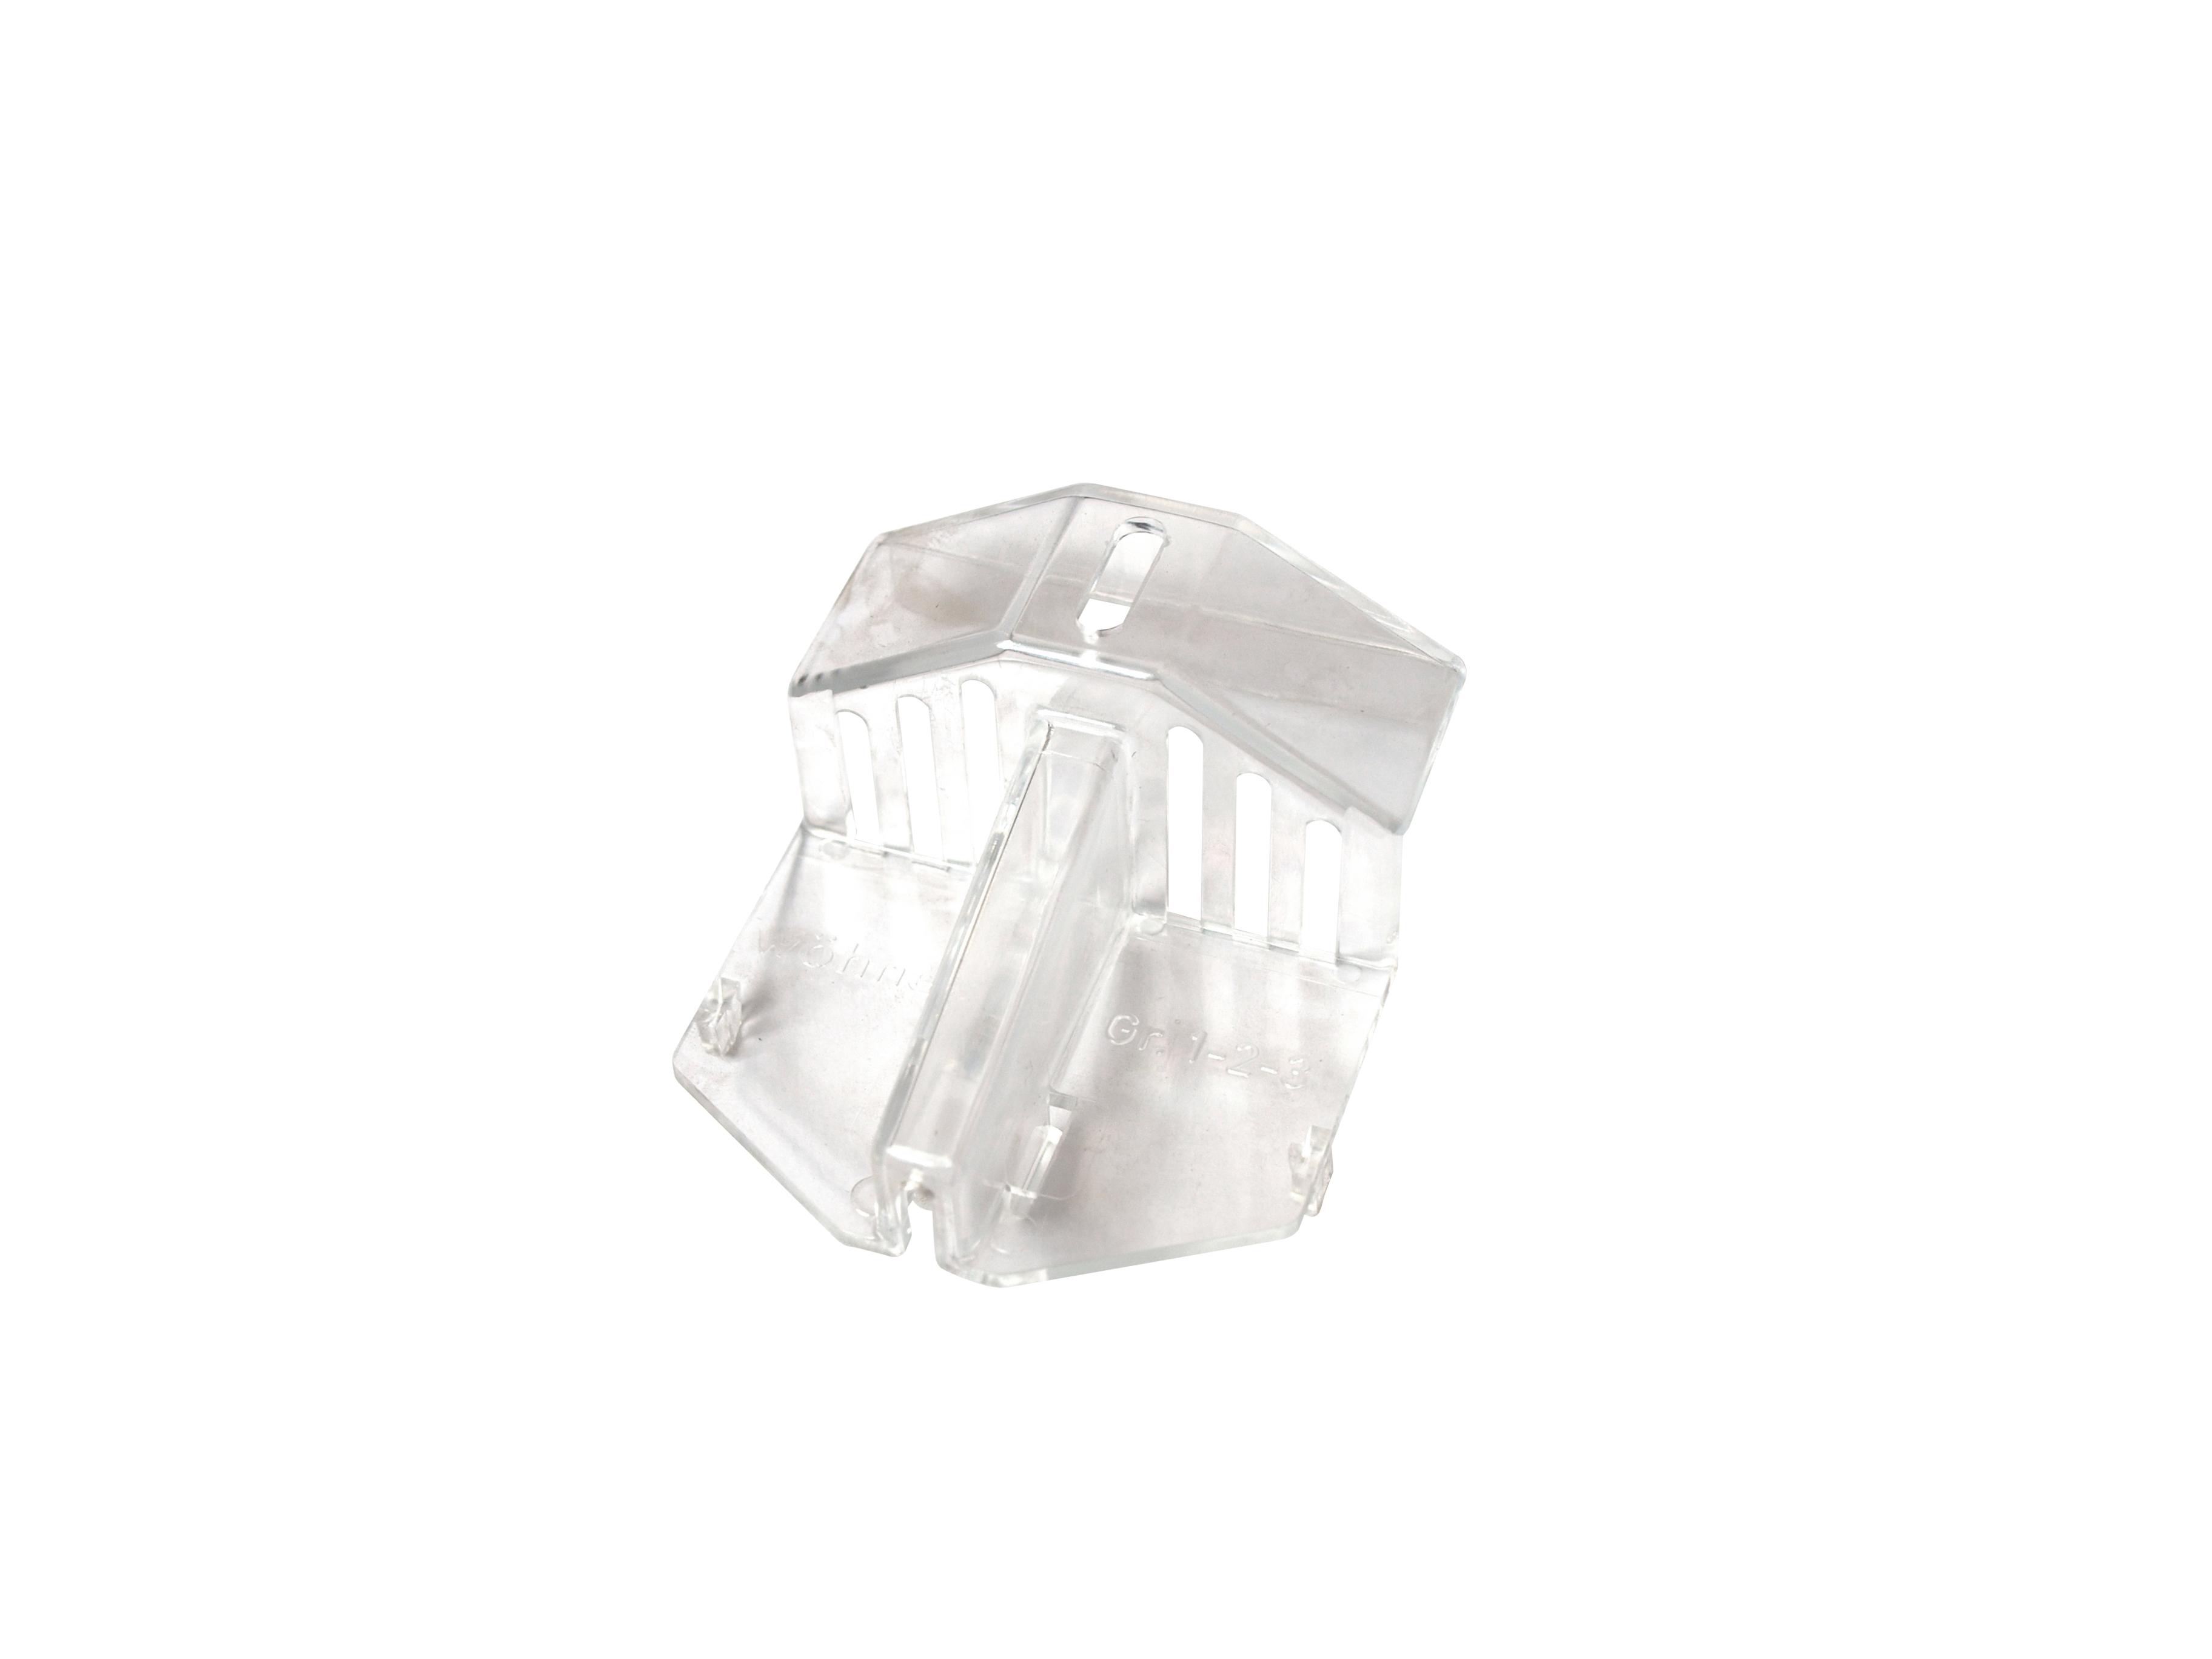 1 Stk Grifflaschenabdeckung für NH-Reiter-UT Größe 1-3 SI794490--